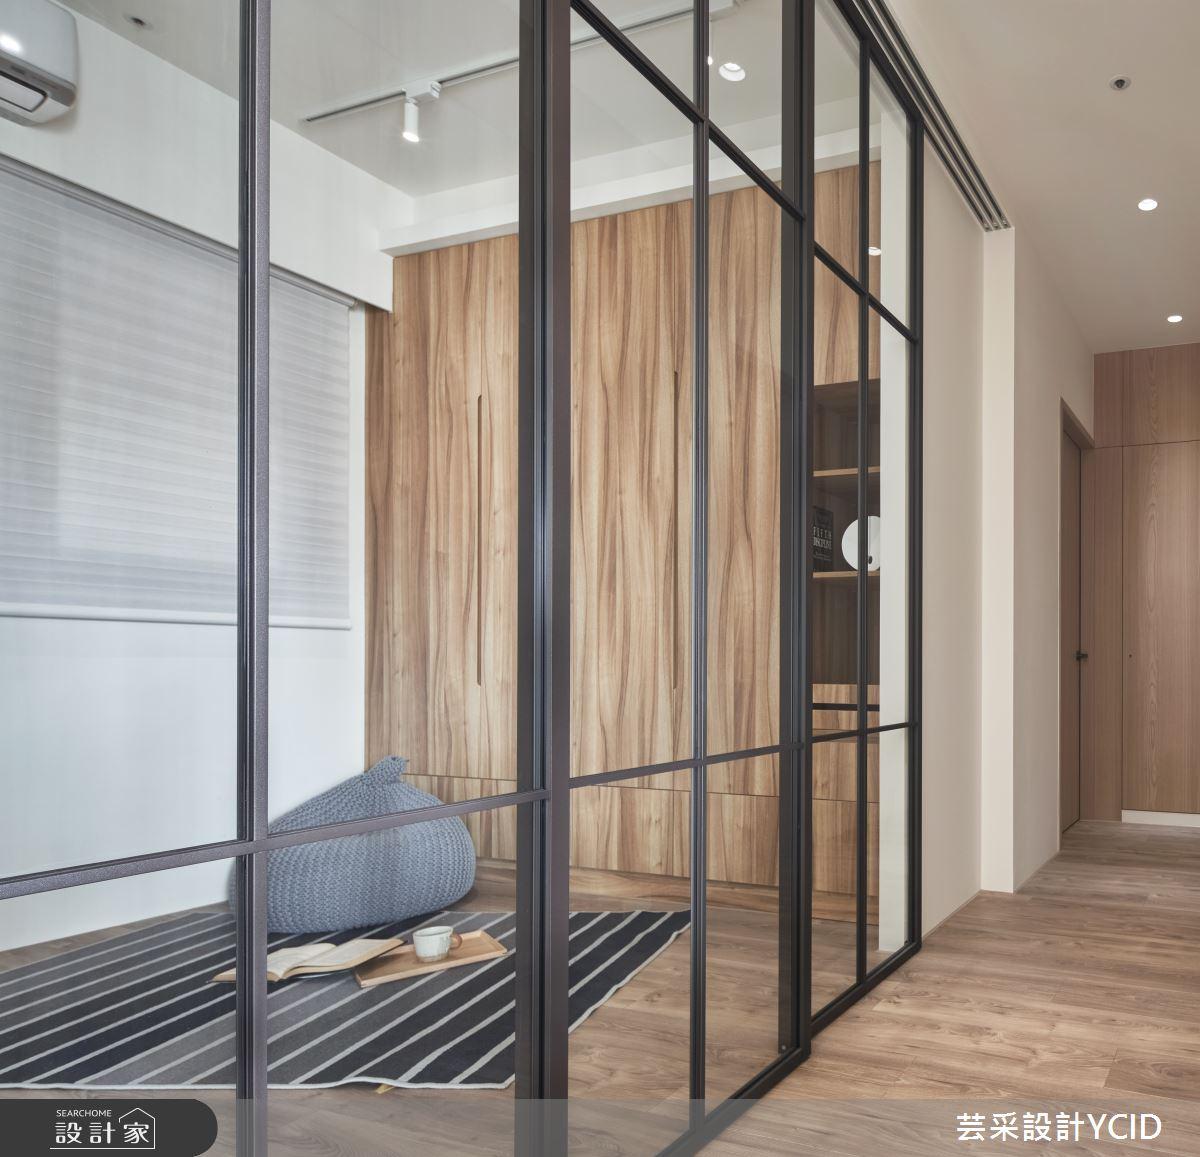 45坪新成屋(5年以下)_混搭風案例圖片_芸采創意空間設計公司_芸采_14之13